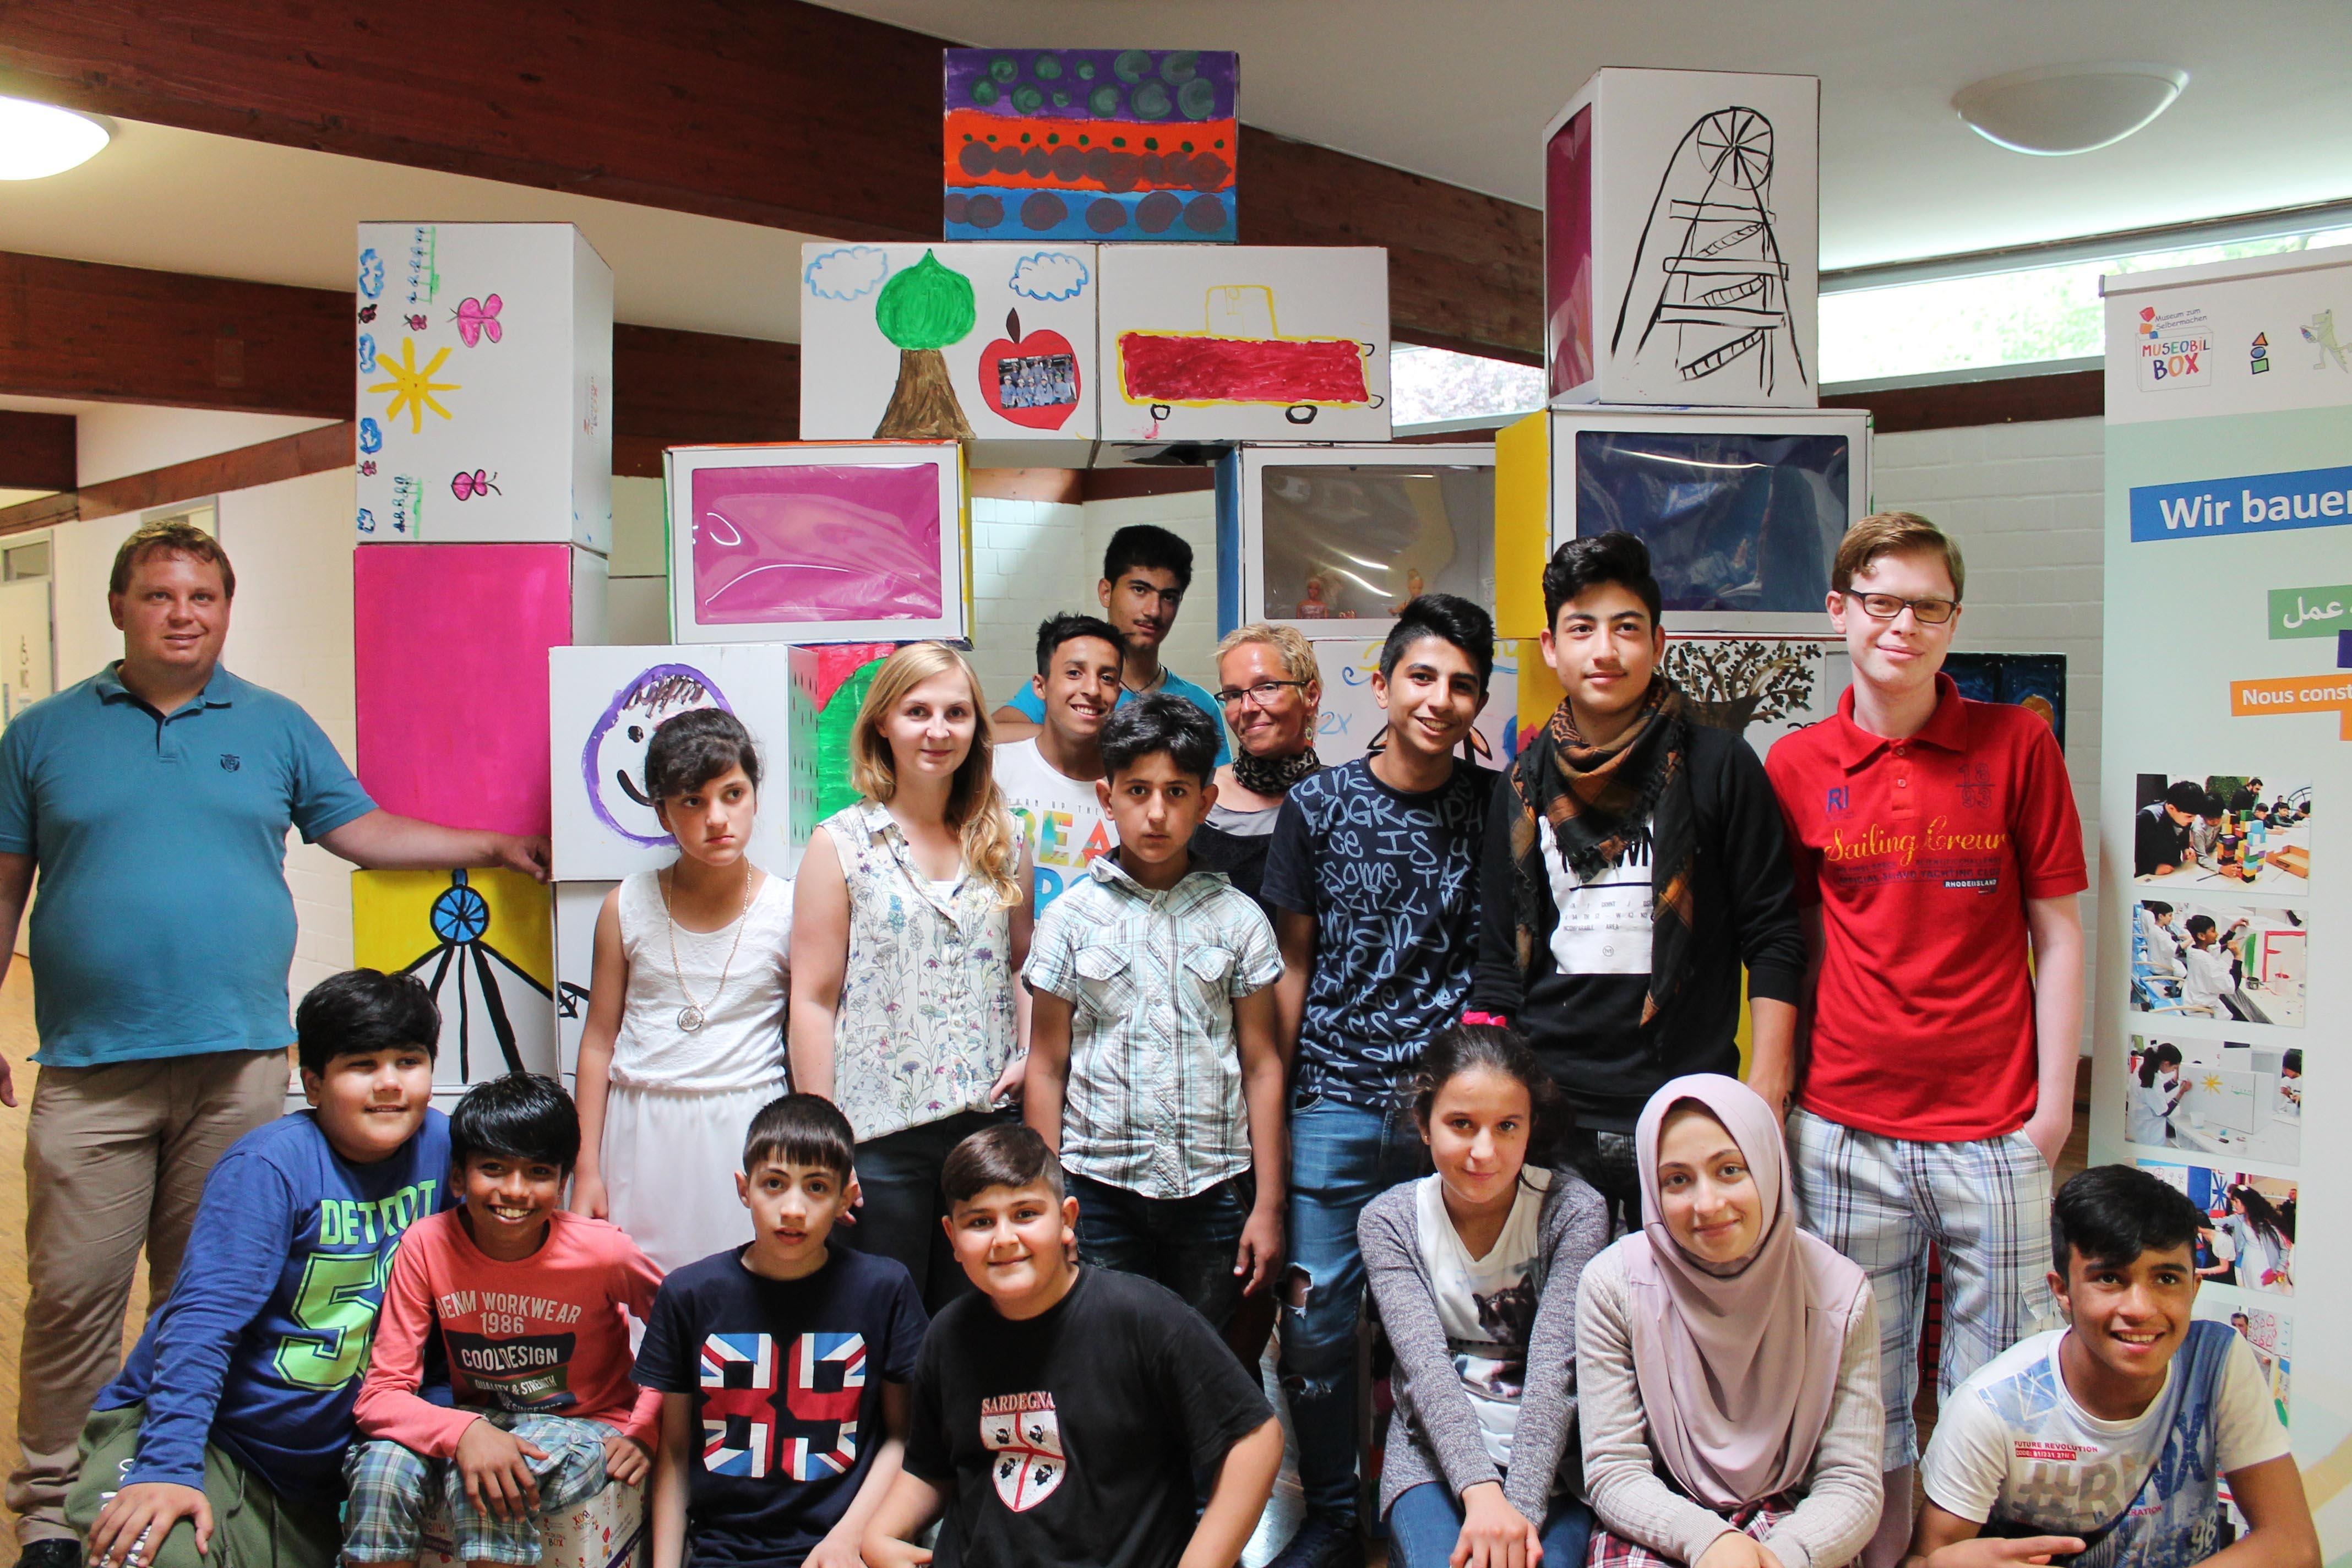 Kinder unterschiedlichster Nationen zeigen ihre Kunstwerke in der LWL-Klinik